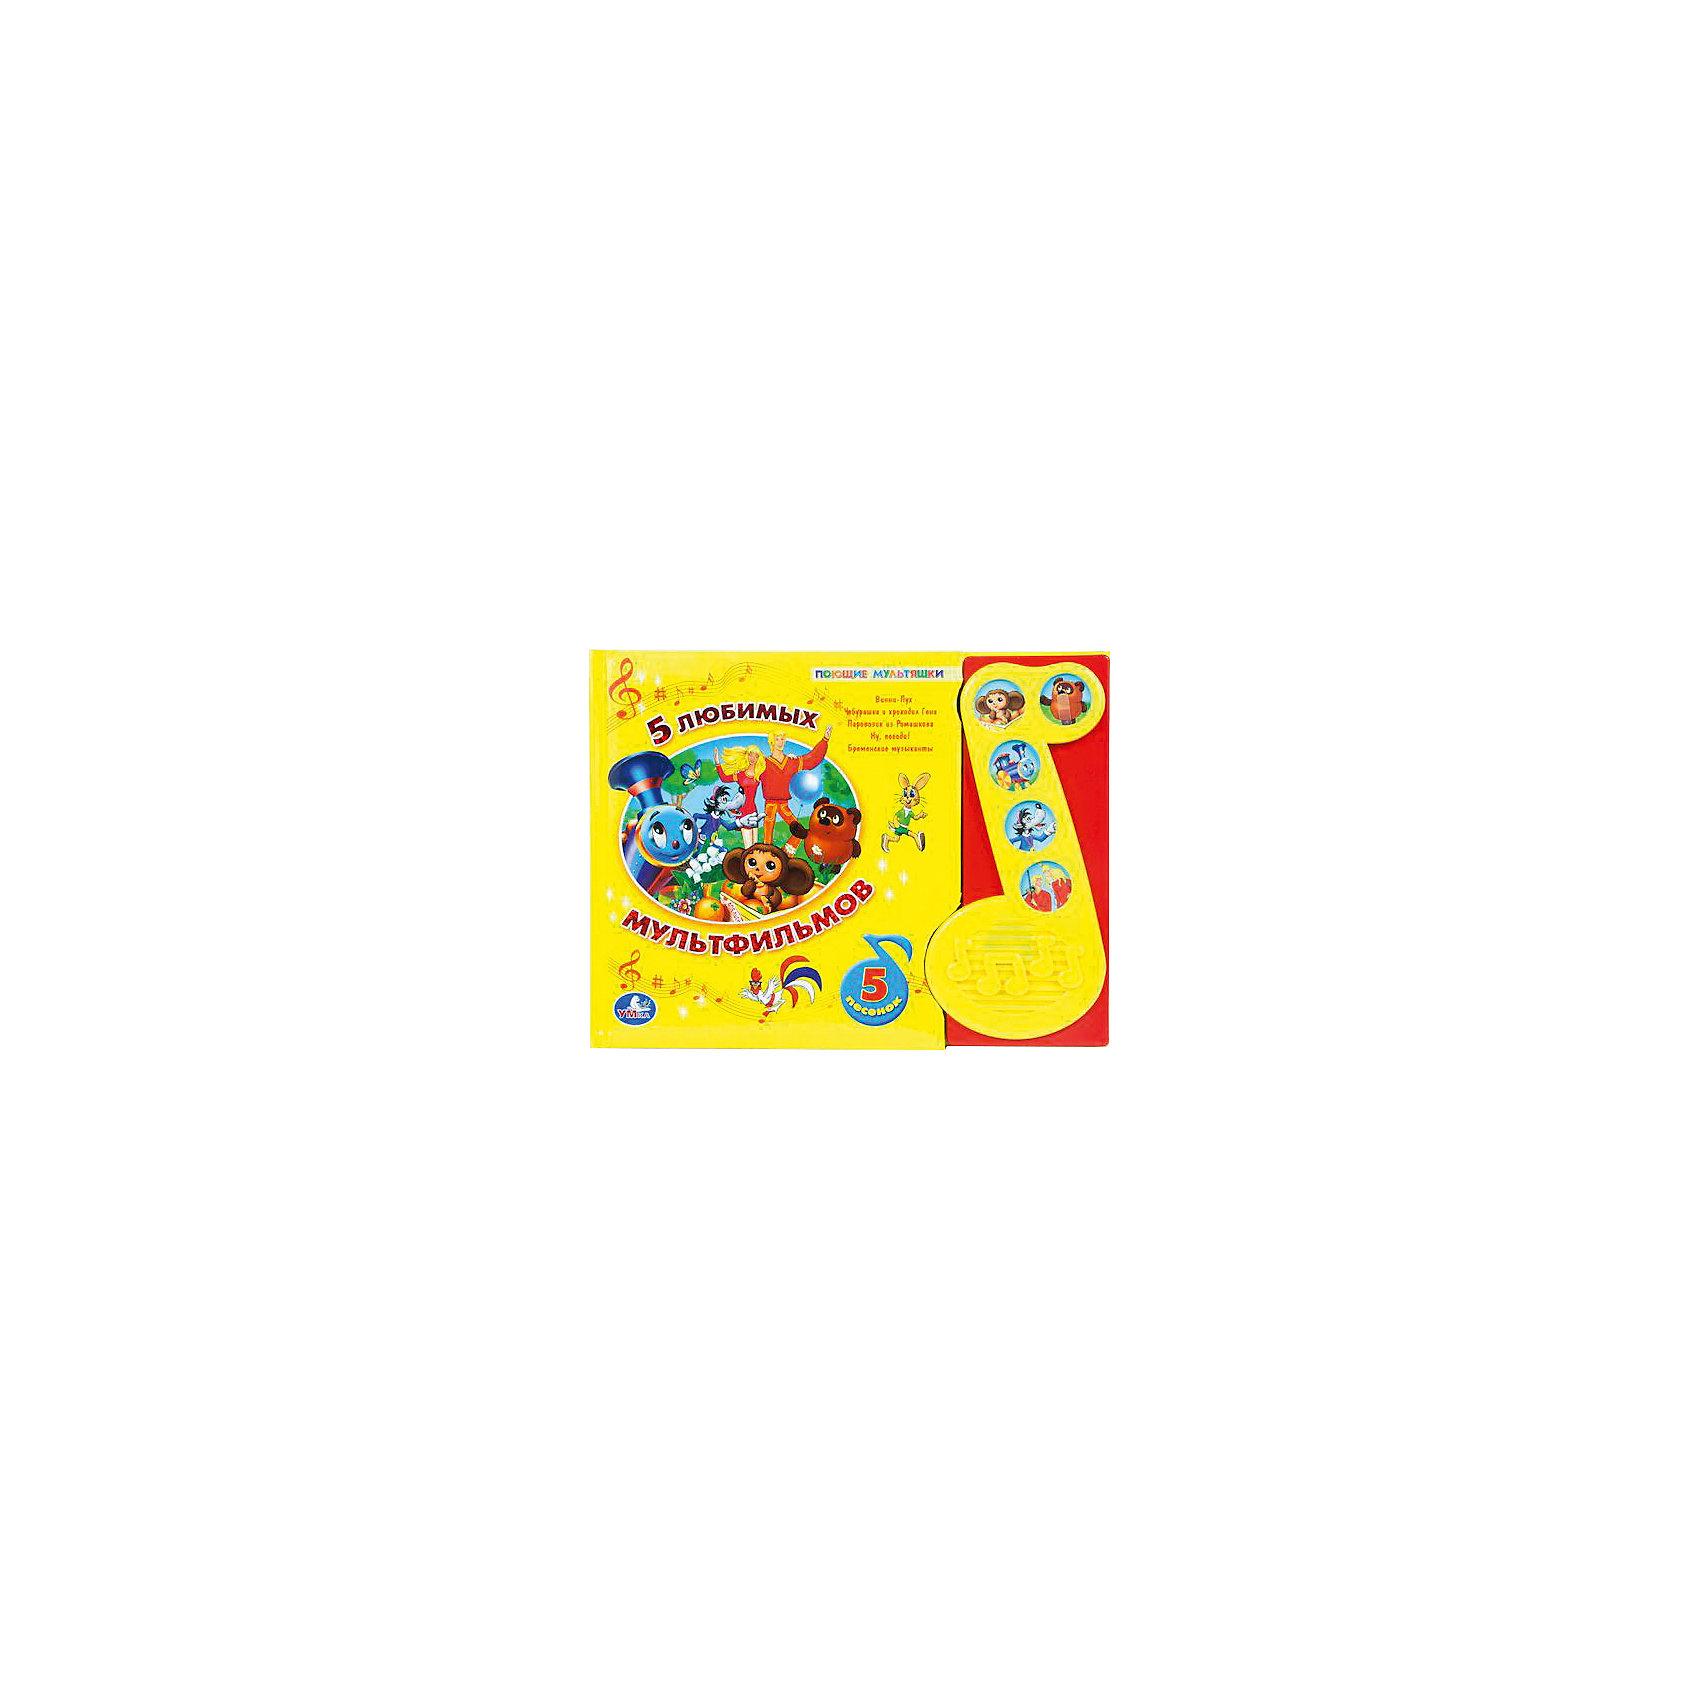 Книга с 5 кнопками 5 любимых мультфильмовВ этой красочной книге представлены короткие истории по мотивам известных мультфильмов. Книга дополнена яркими иллюстрациями и звуковым сопровождением - это обязательно порадуют малышей и привлечет их внимание. Плотные картонные страницы и крупный шрифт идеально подходят для маленьких детей. <br><br>Дополнительная информация:<br><br>- Формат: 30х23 см<br>- Переплет: картон.<br>- Количество страниц: 20.<br>- Иллюстрации: цветные.<br>- Элемент питания: батарейки (в комплекте)<br> <br>Книгу с 5 кнопками 5 любимых мультфильмов, можно купить в нашем магазине.<br><br>Ширина мм: 300<br>Глубина мм: 230<br>Высота мм: 30<br>Вес г: 860<br>Возраст от месяцев: 12<br>Возраст до месяцев: 60<br>Пол: Унисекс<br>Возраст: Детский<br>SKU: 4053312